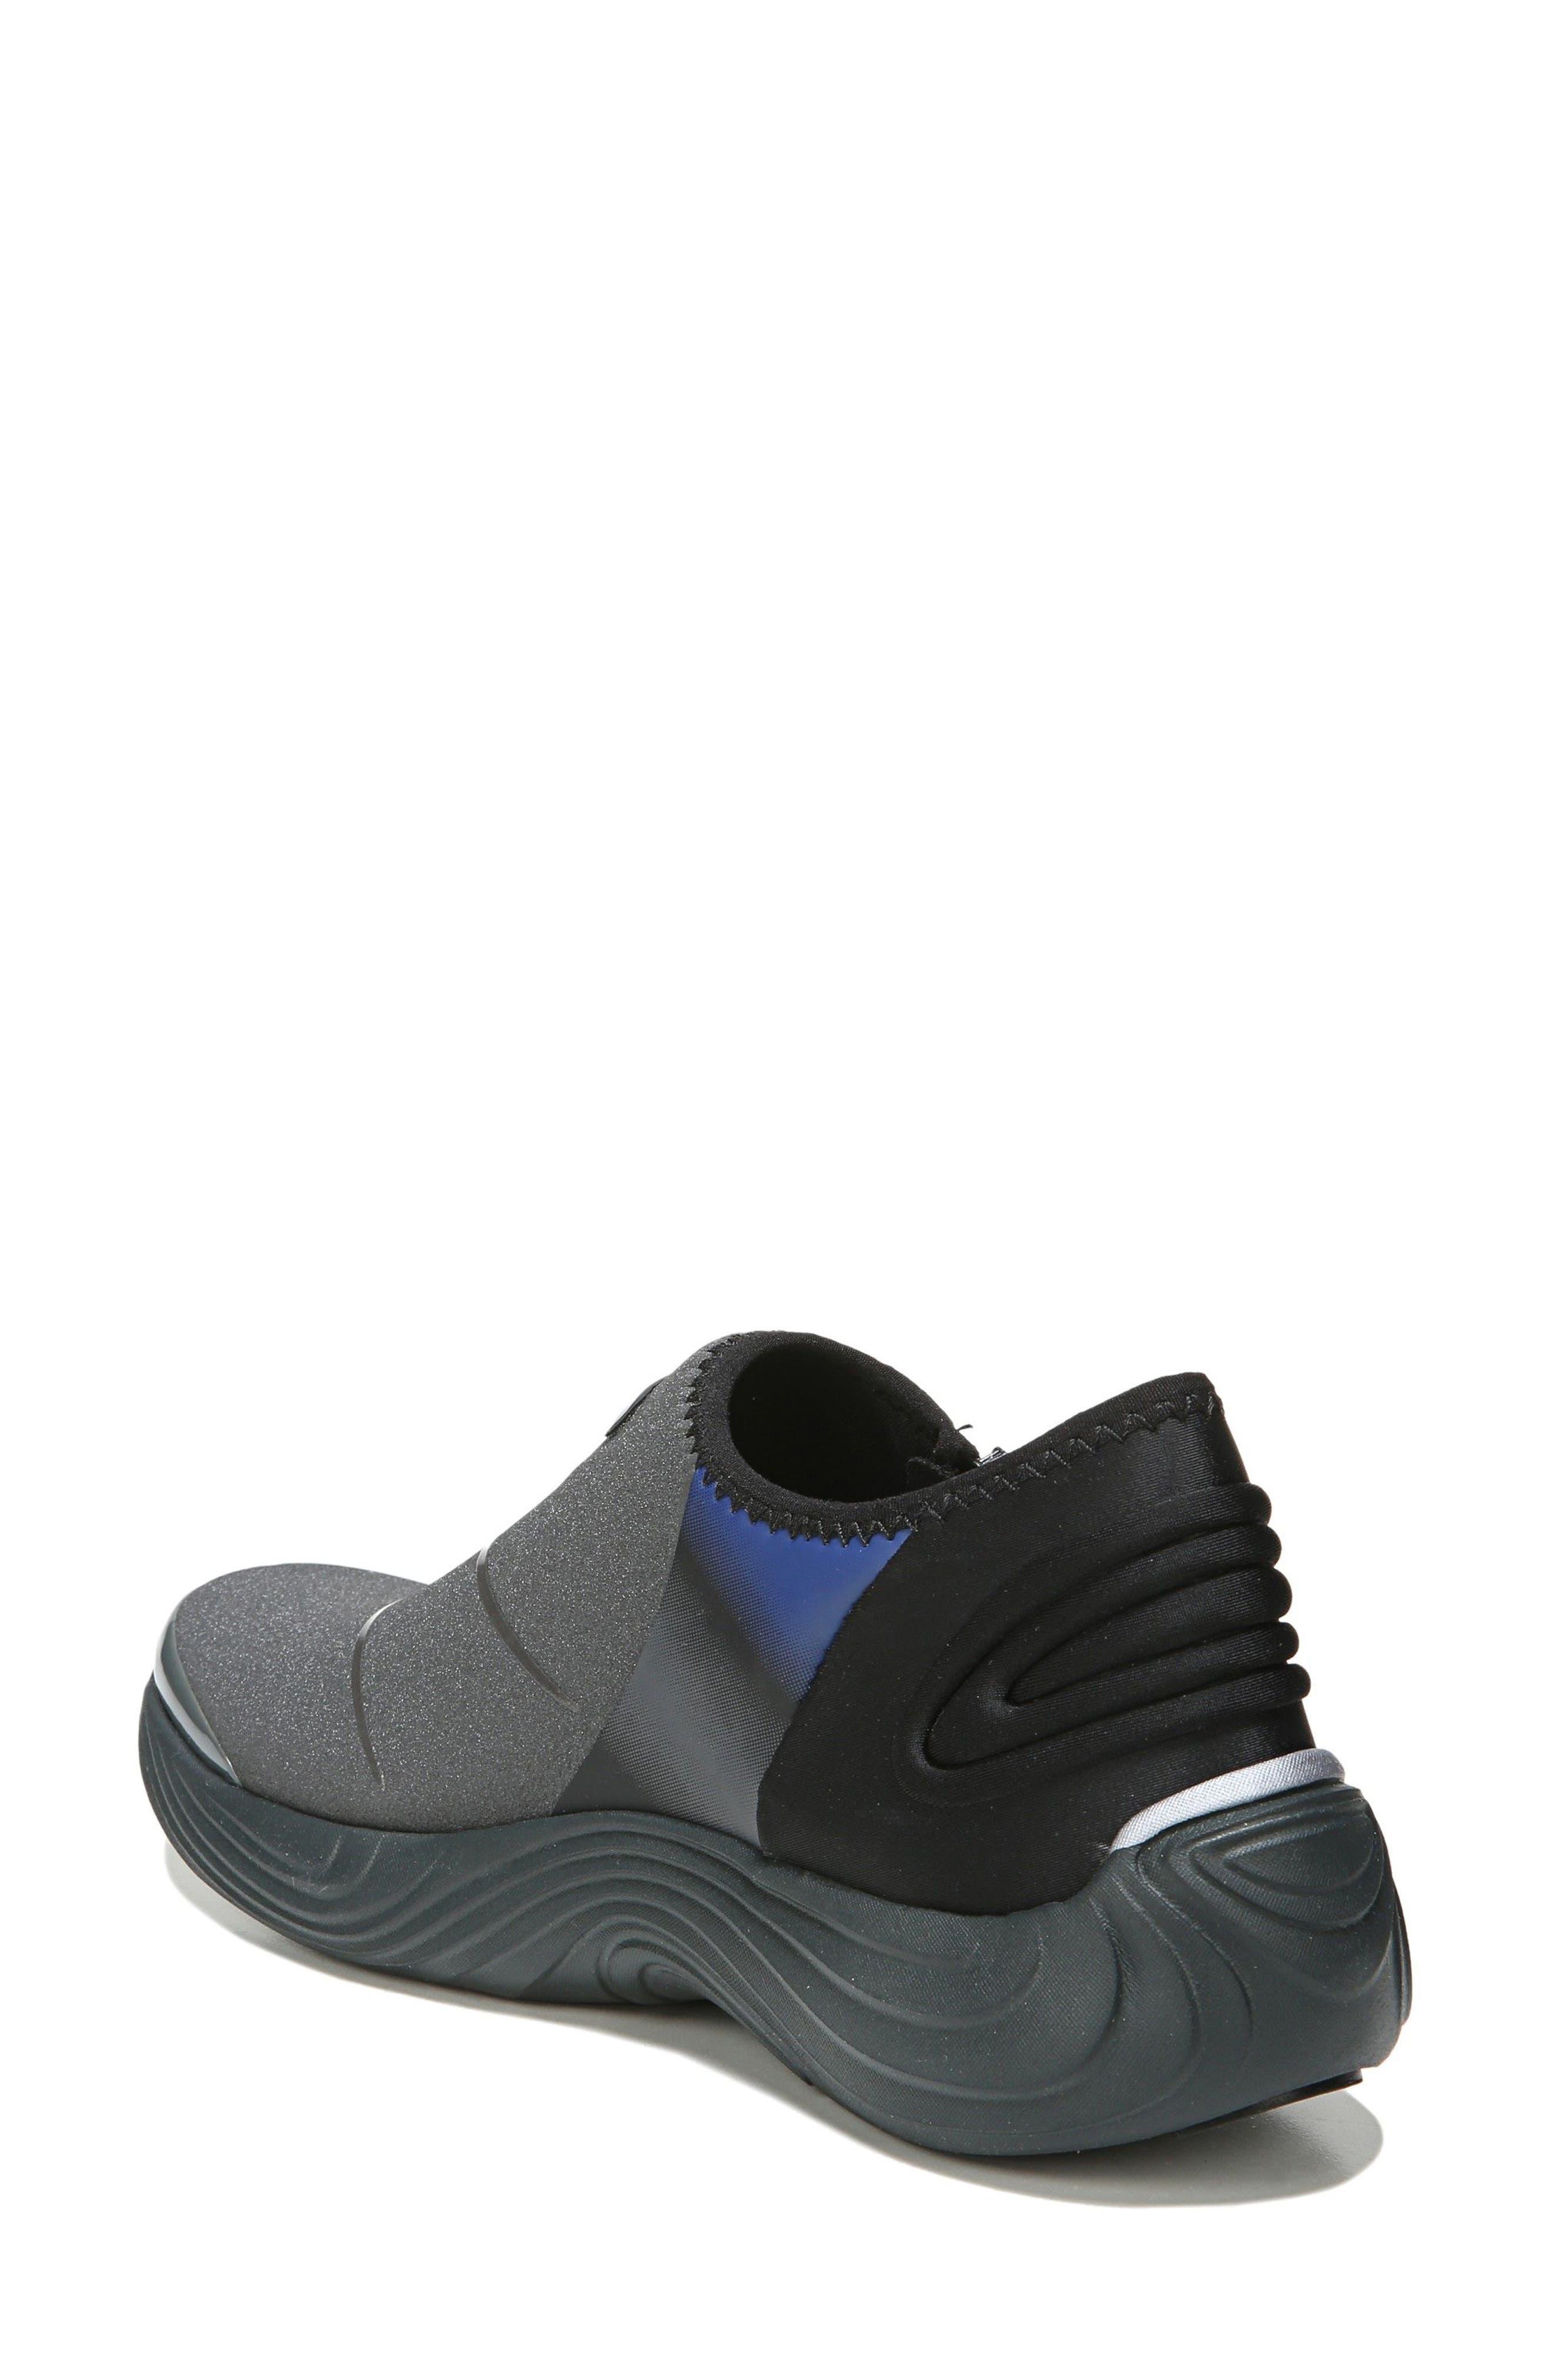 Trilogy Slip-On Sneaker,                             Alternate thumbnail 4, color,